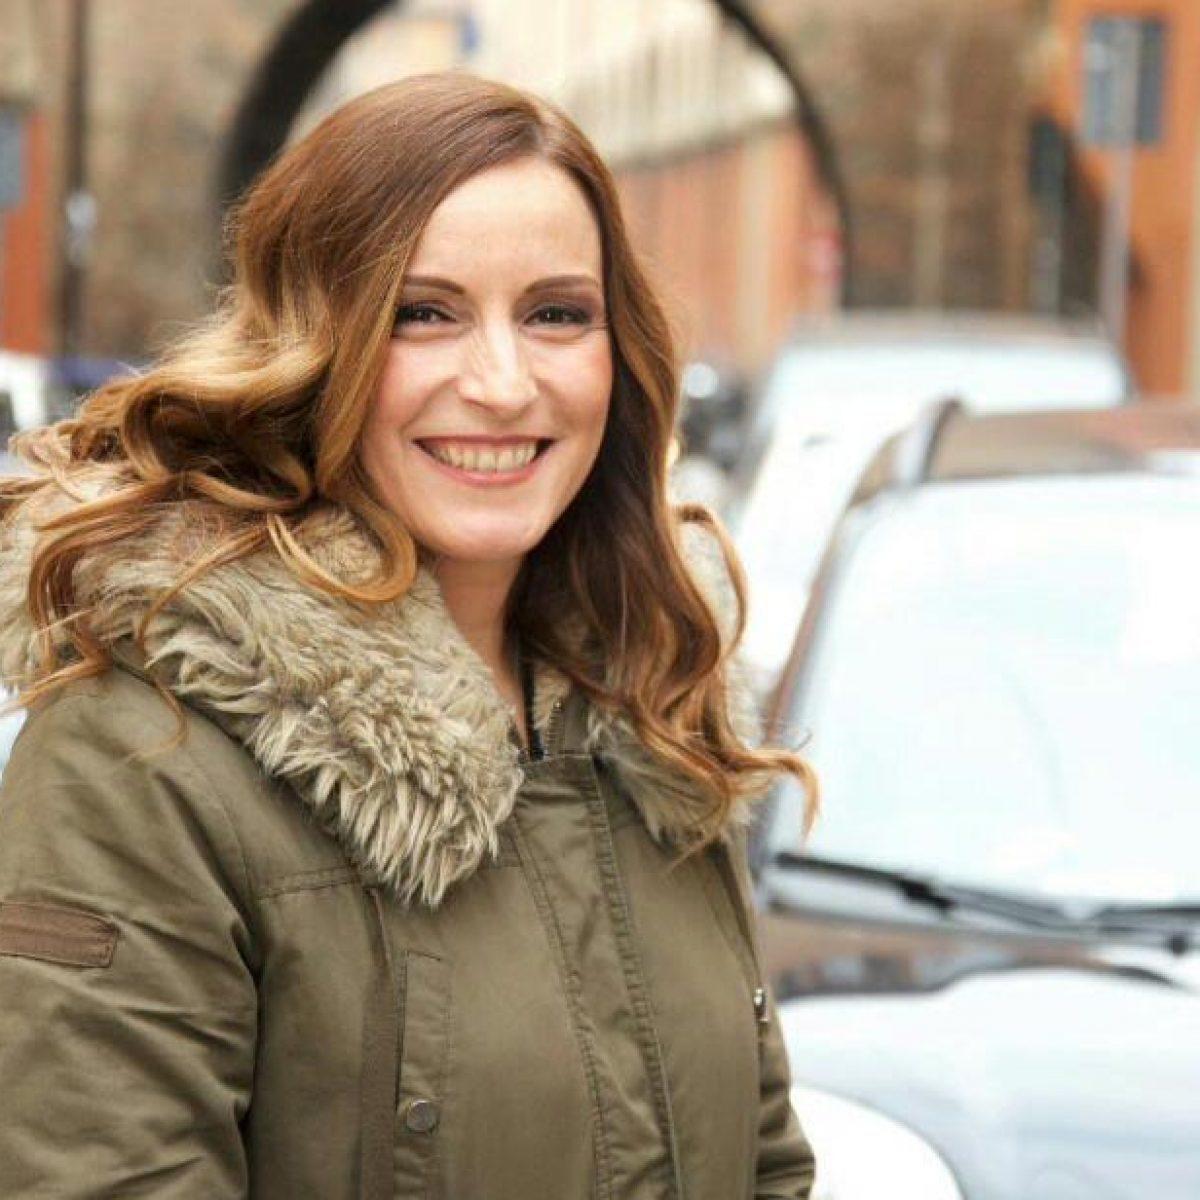 Elezioni Regionali 2020 in Emilia Romagna: intervista al candidato Lucia Borgonzoni